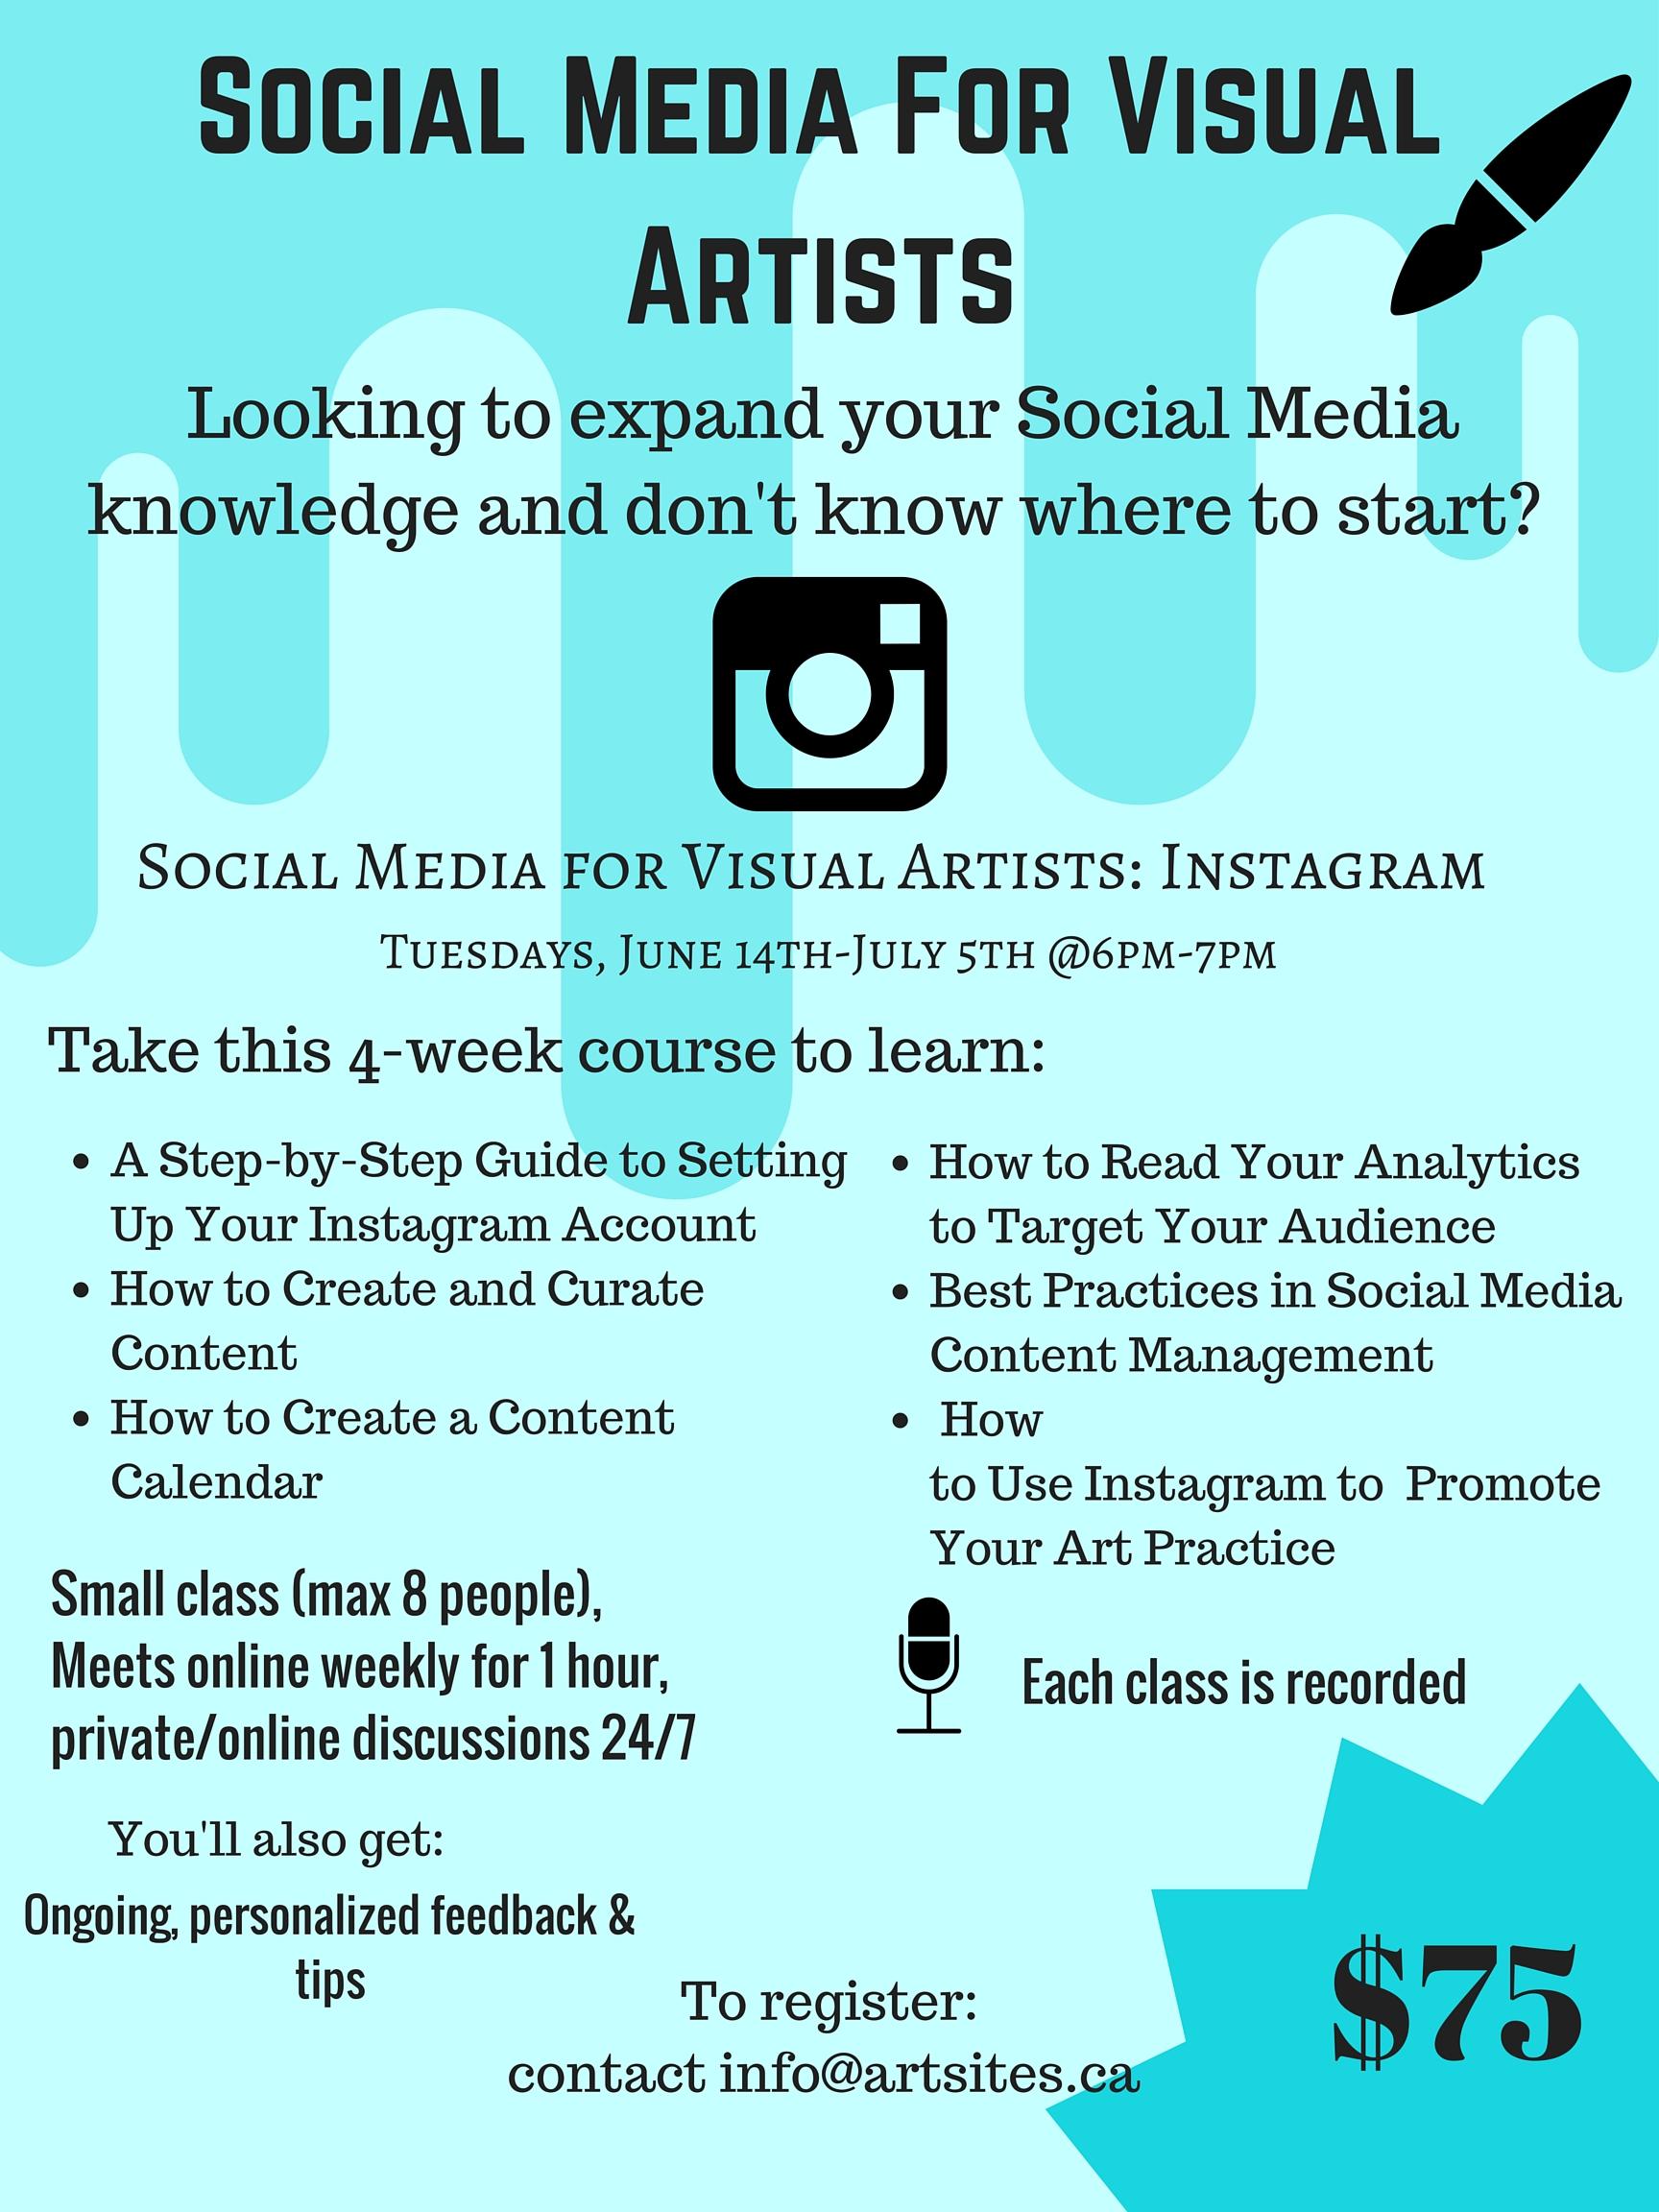 Social Media for Visual Artists Workshop - Instagram